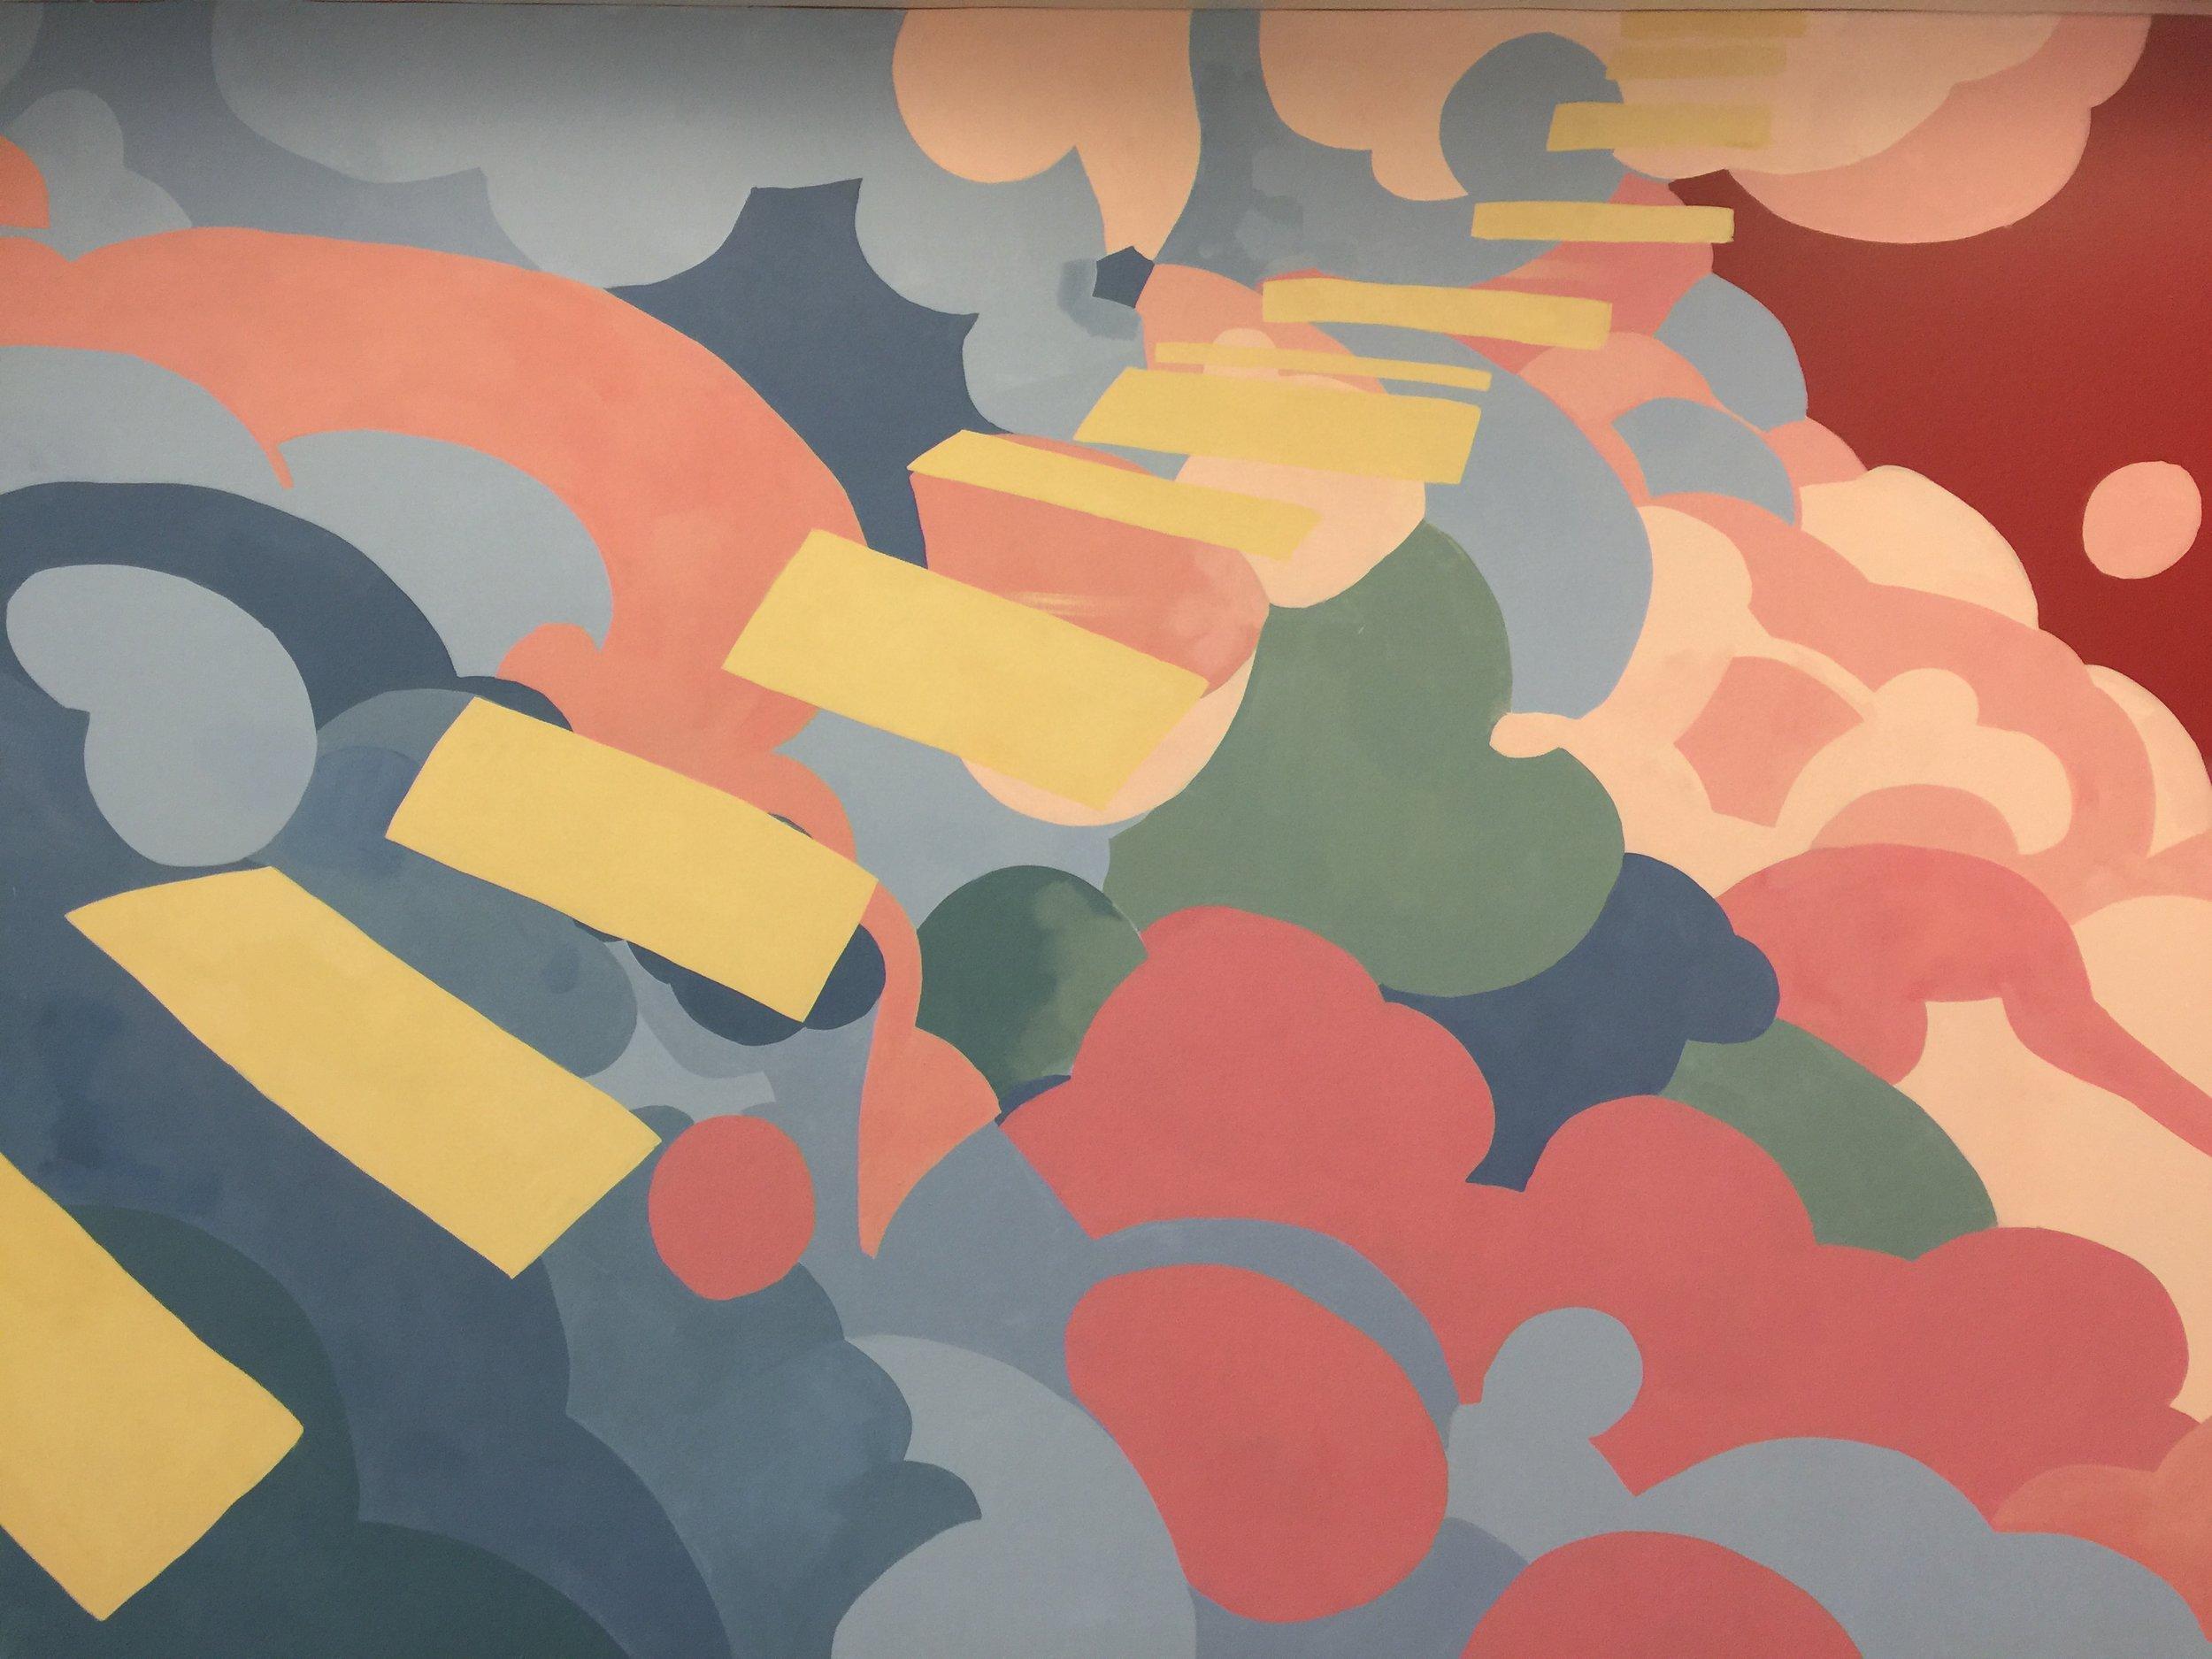 Wall Mural Left.JPG